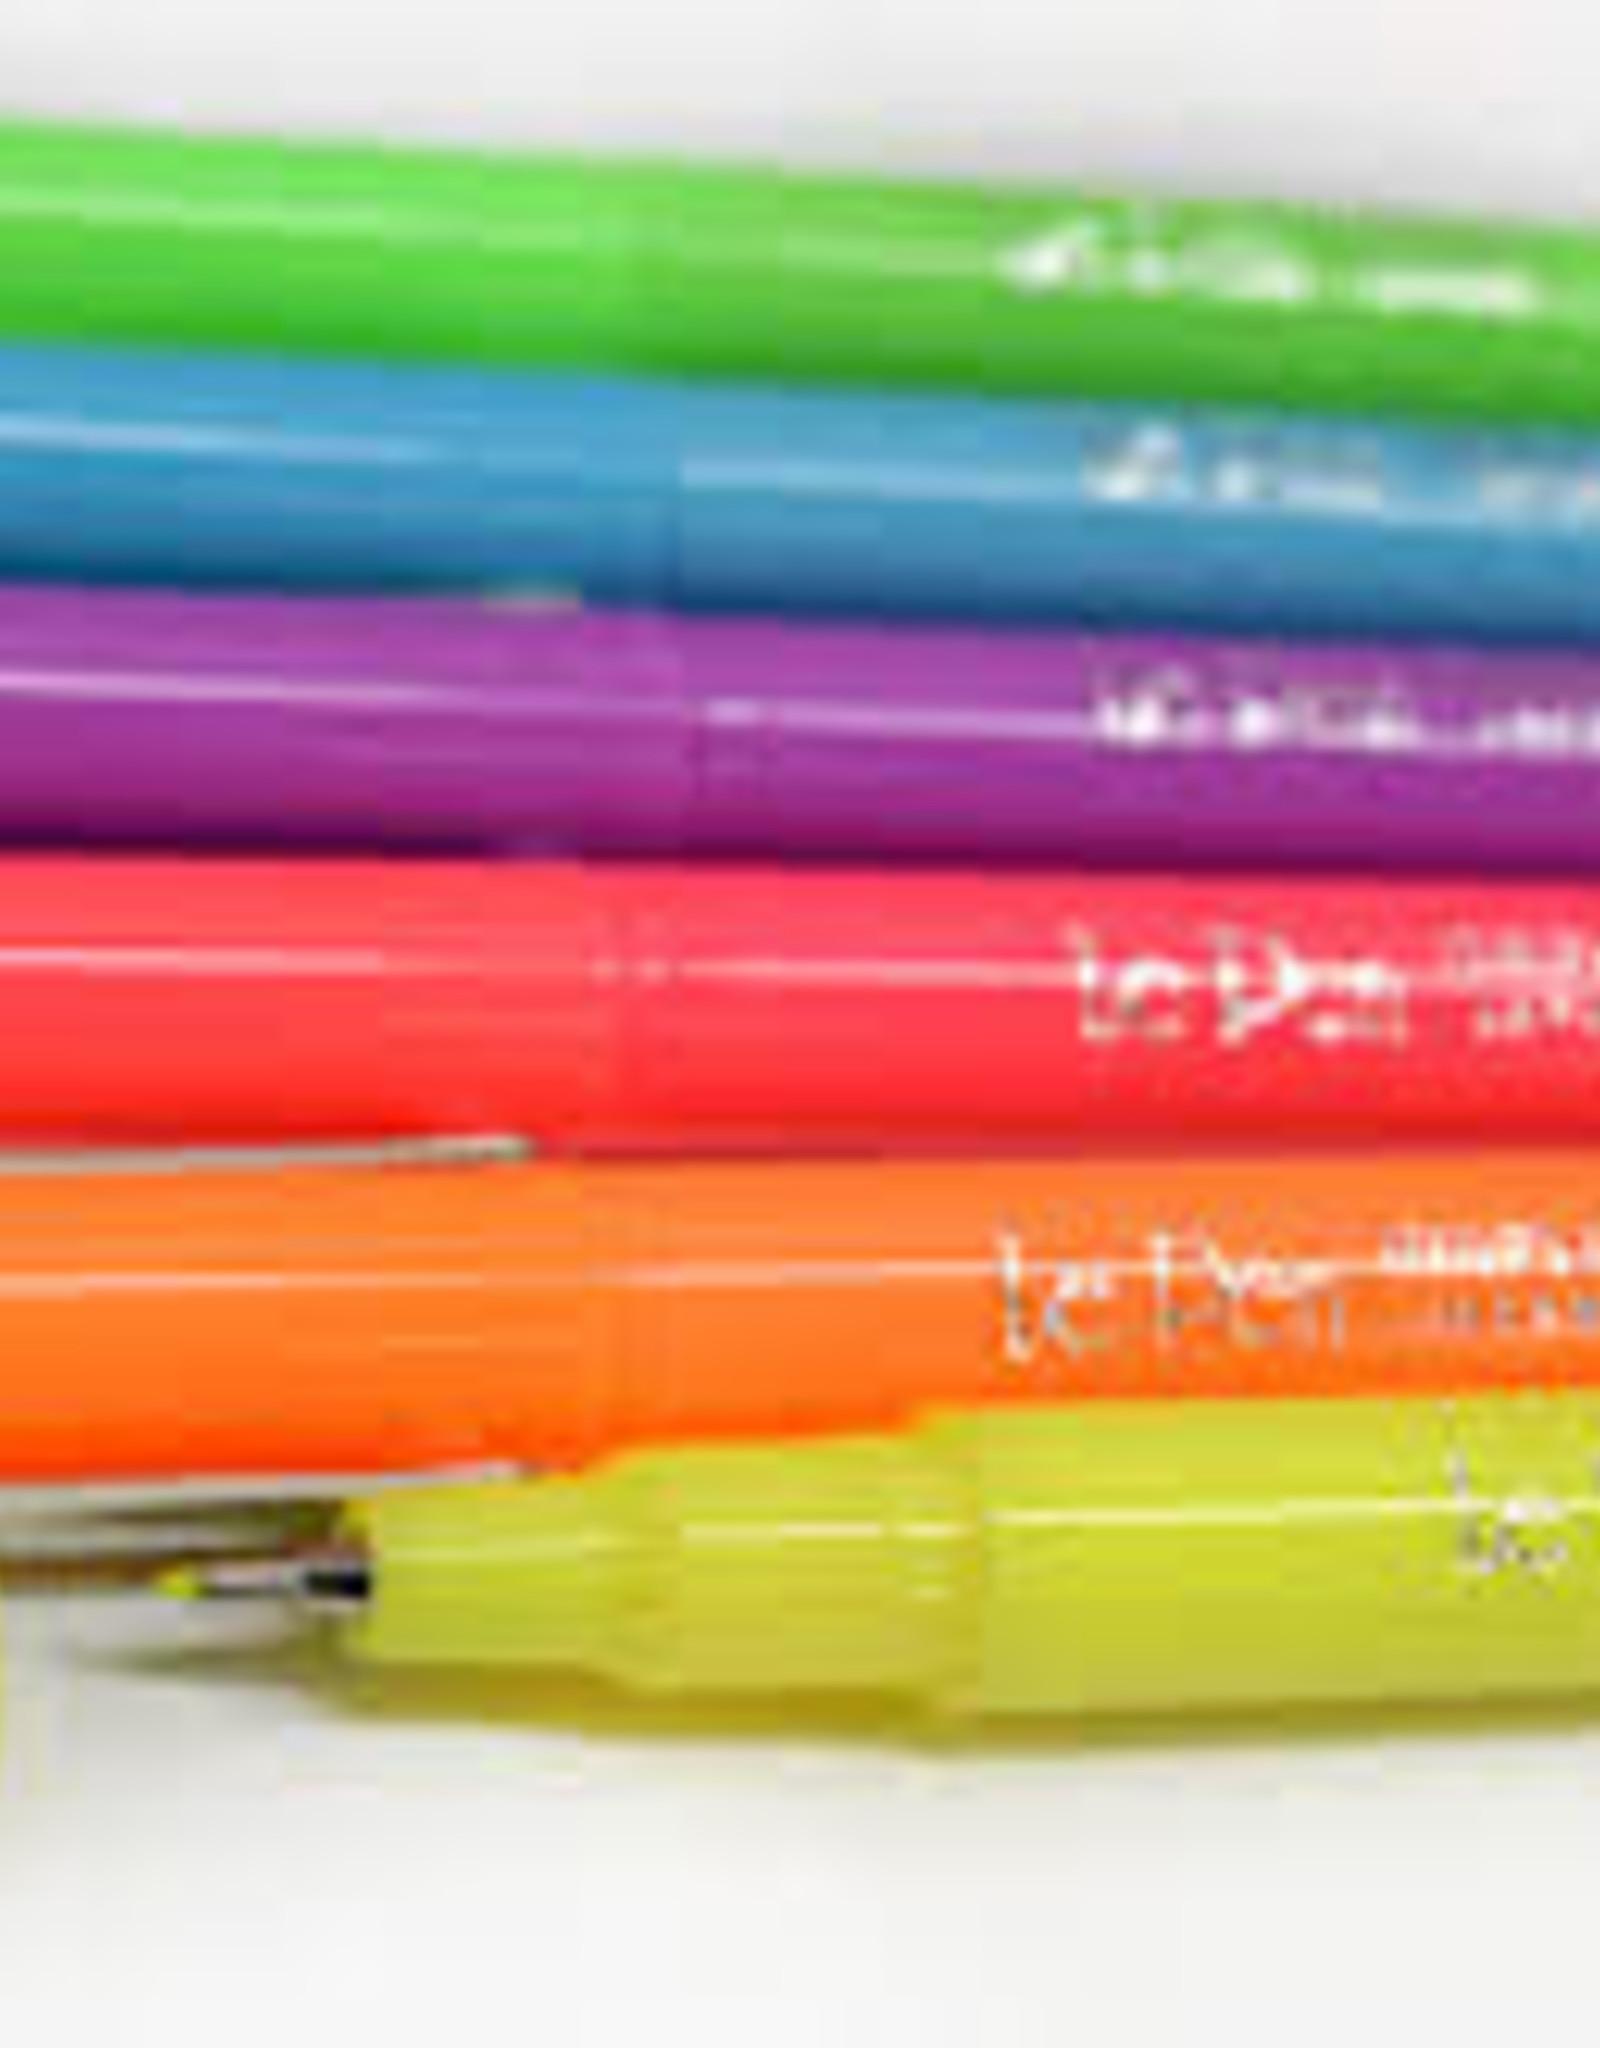 Marvy Uchida Le Pen Neon